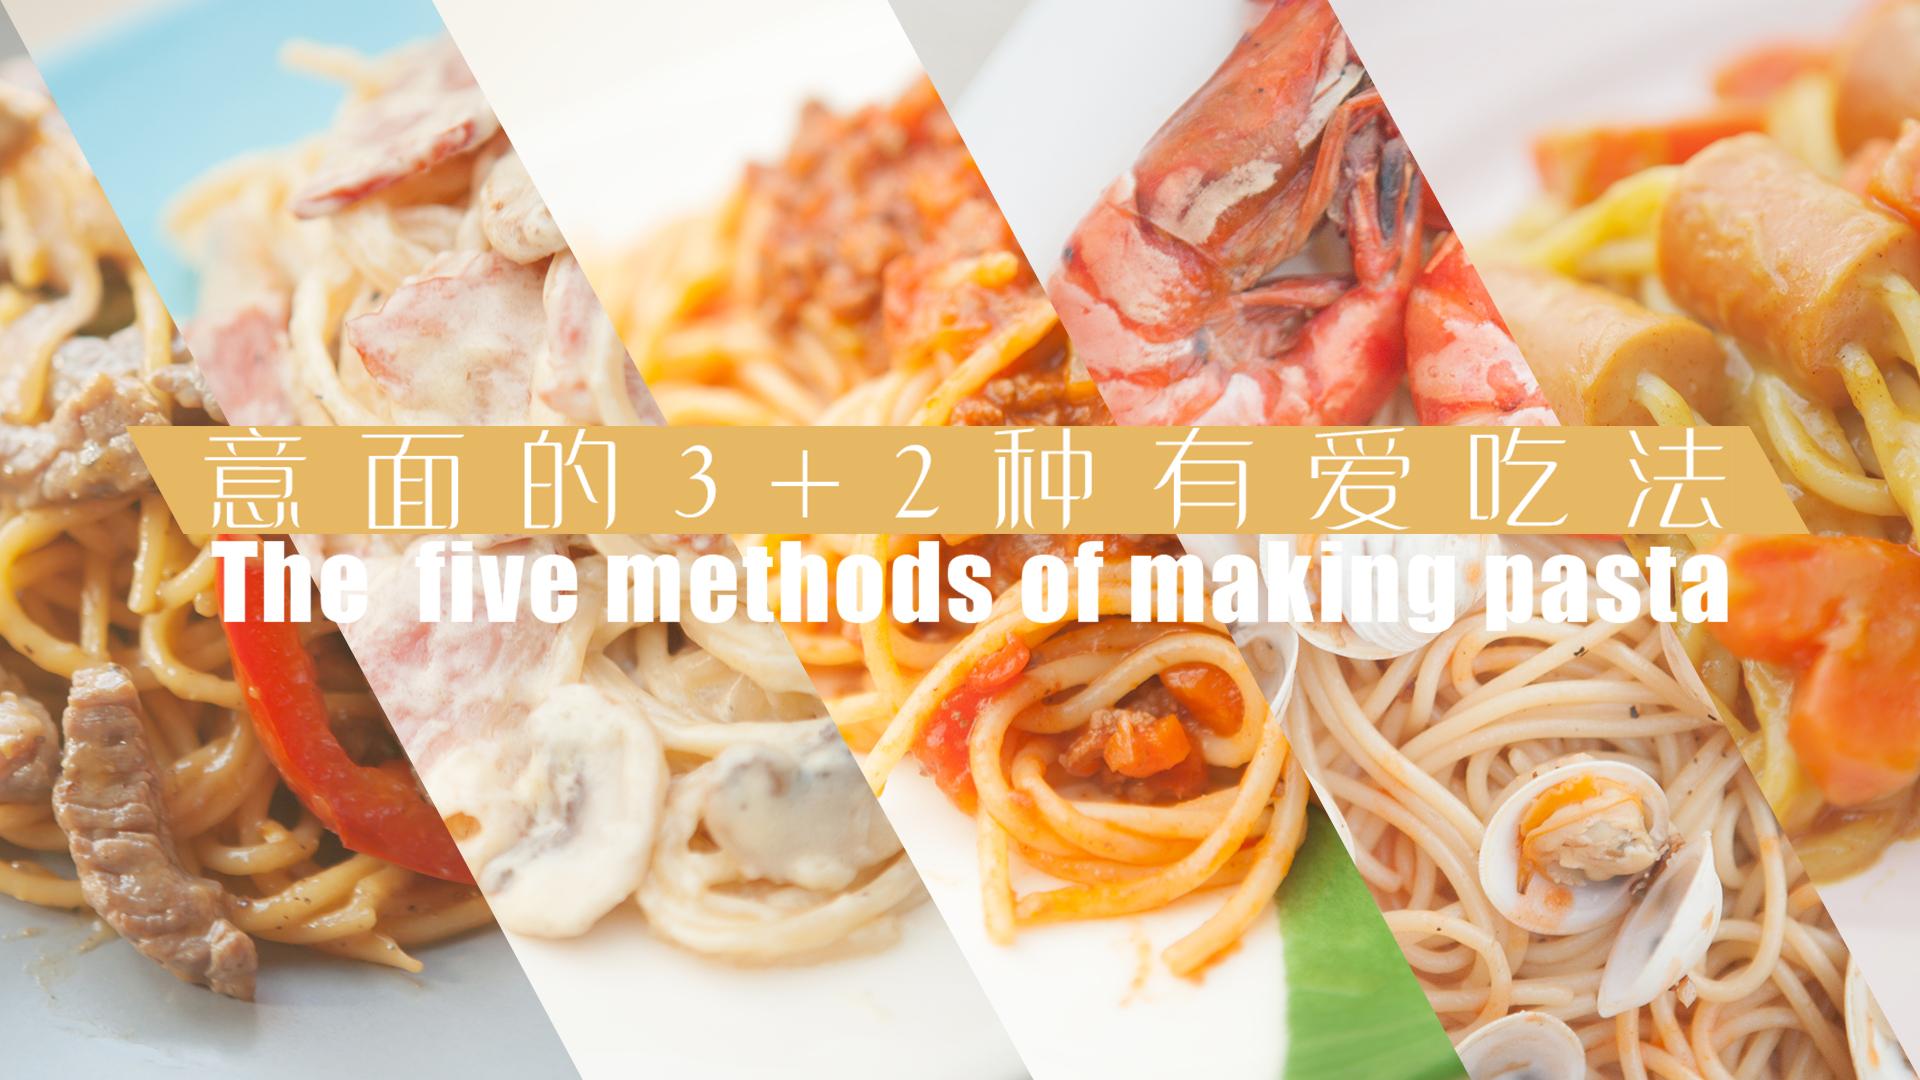 意面的3+2种有爱吃法「厨娘物语」